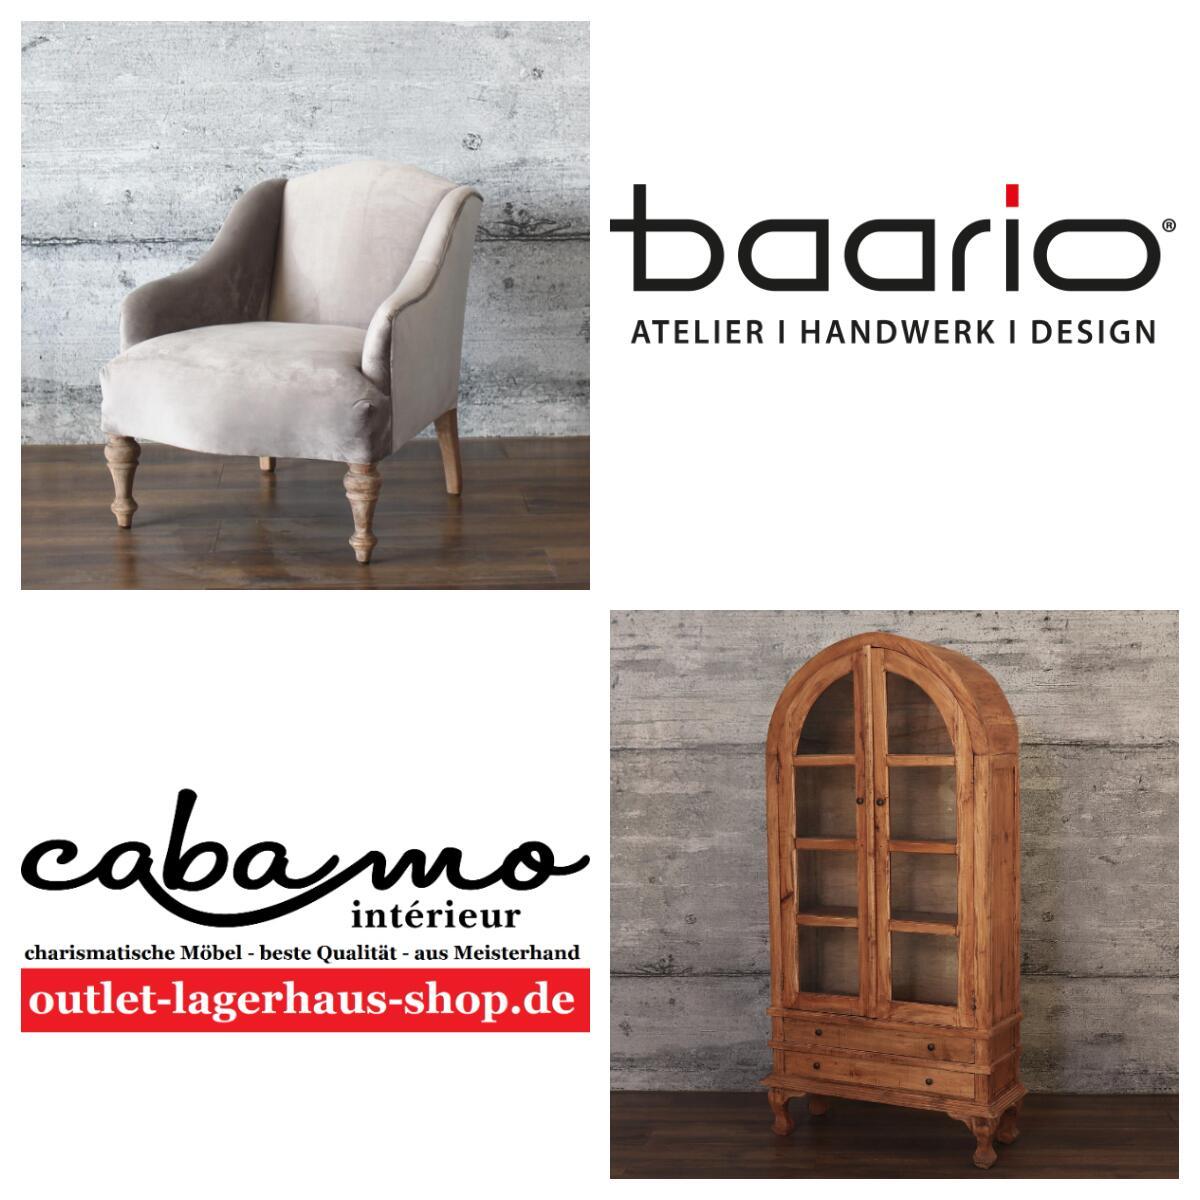 cabamo-moebel-interieur-weingarten